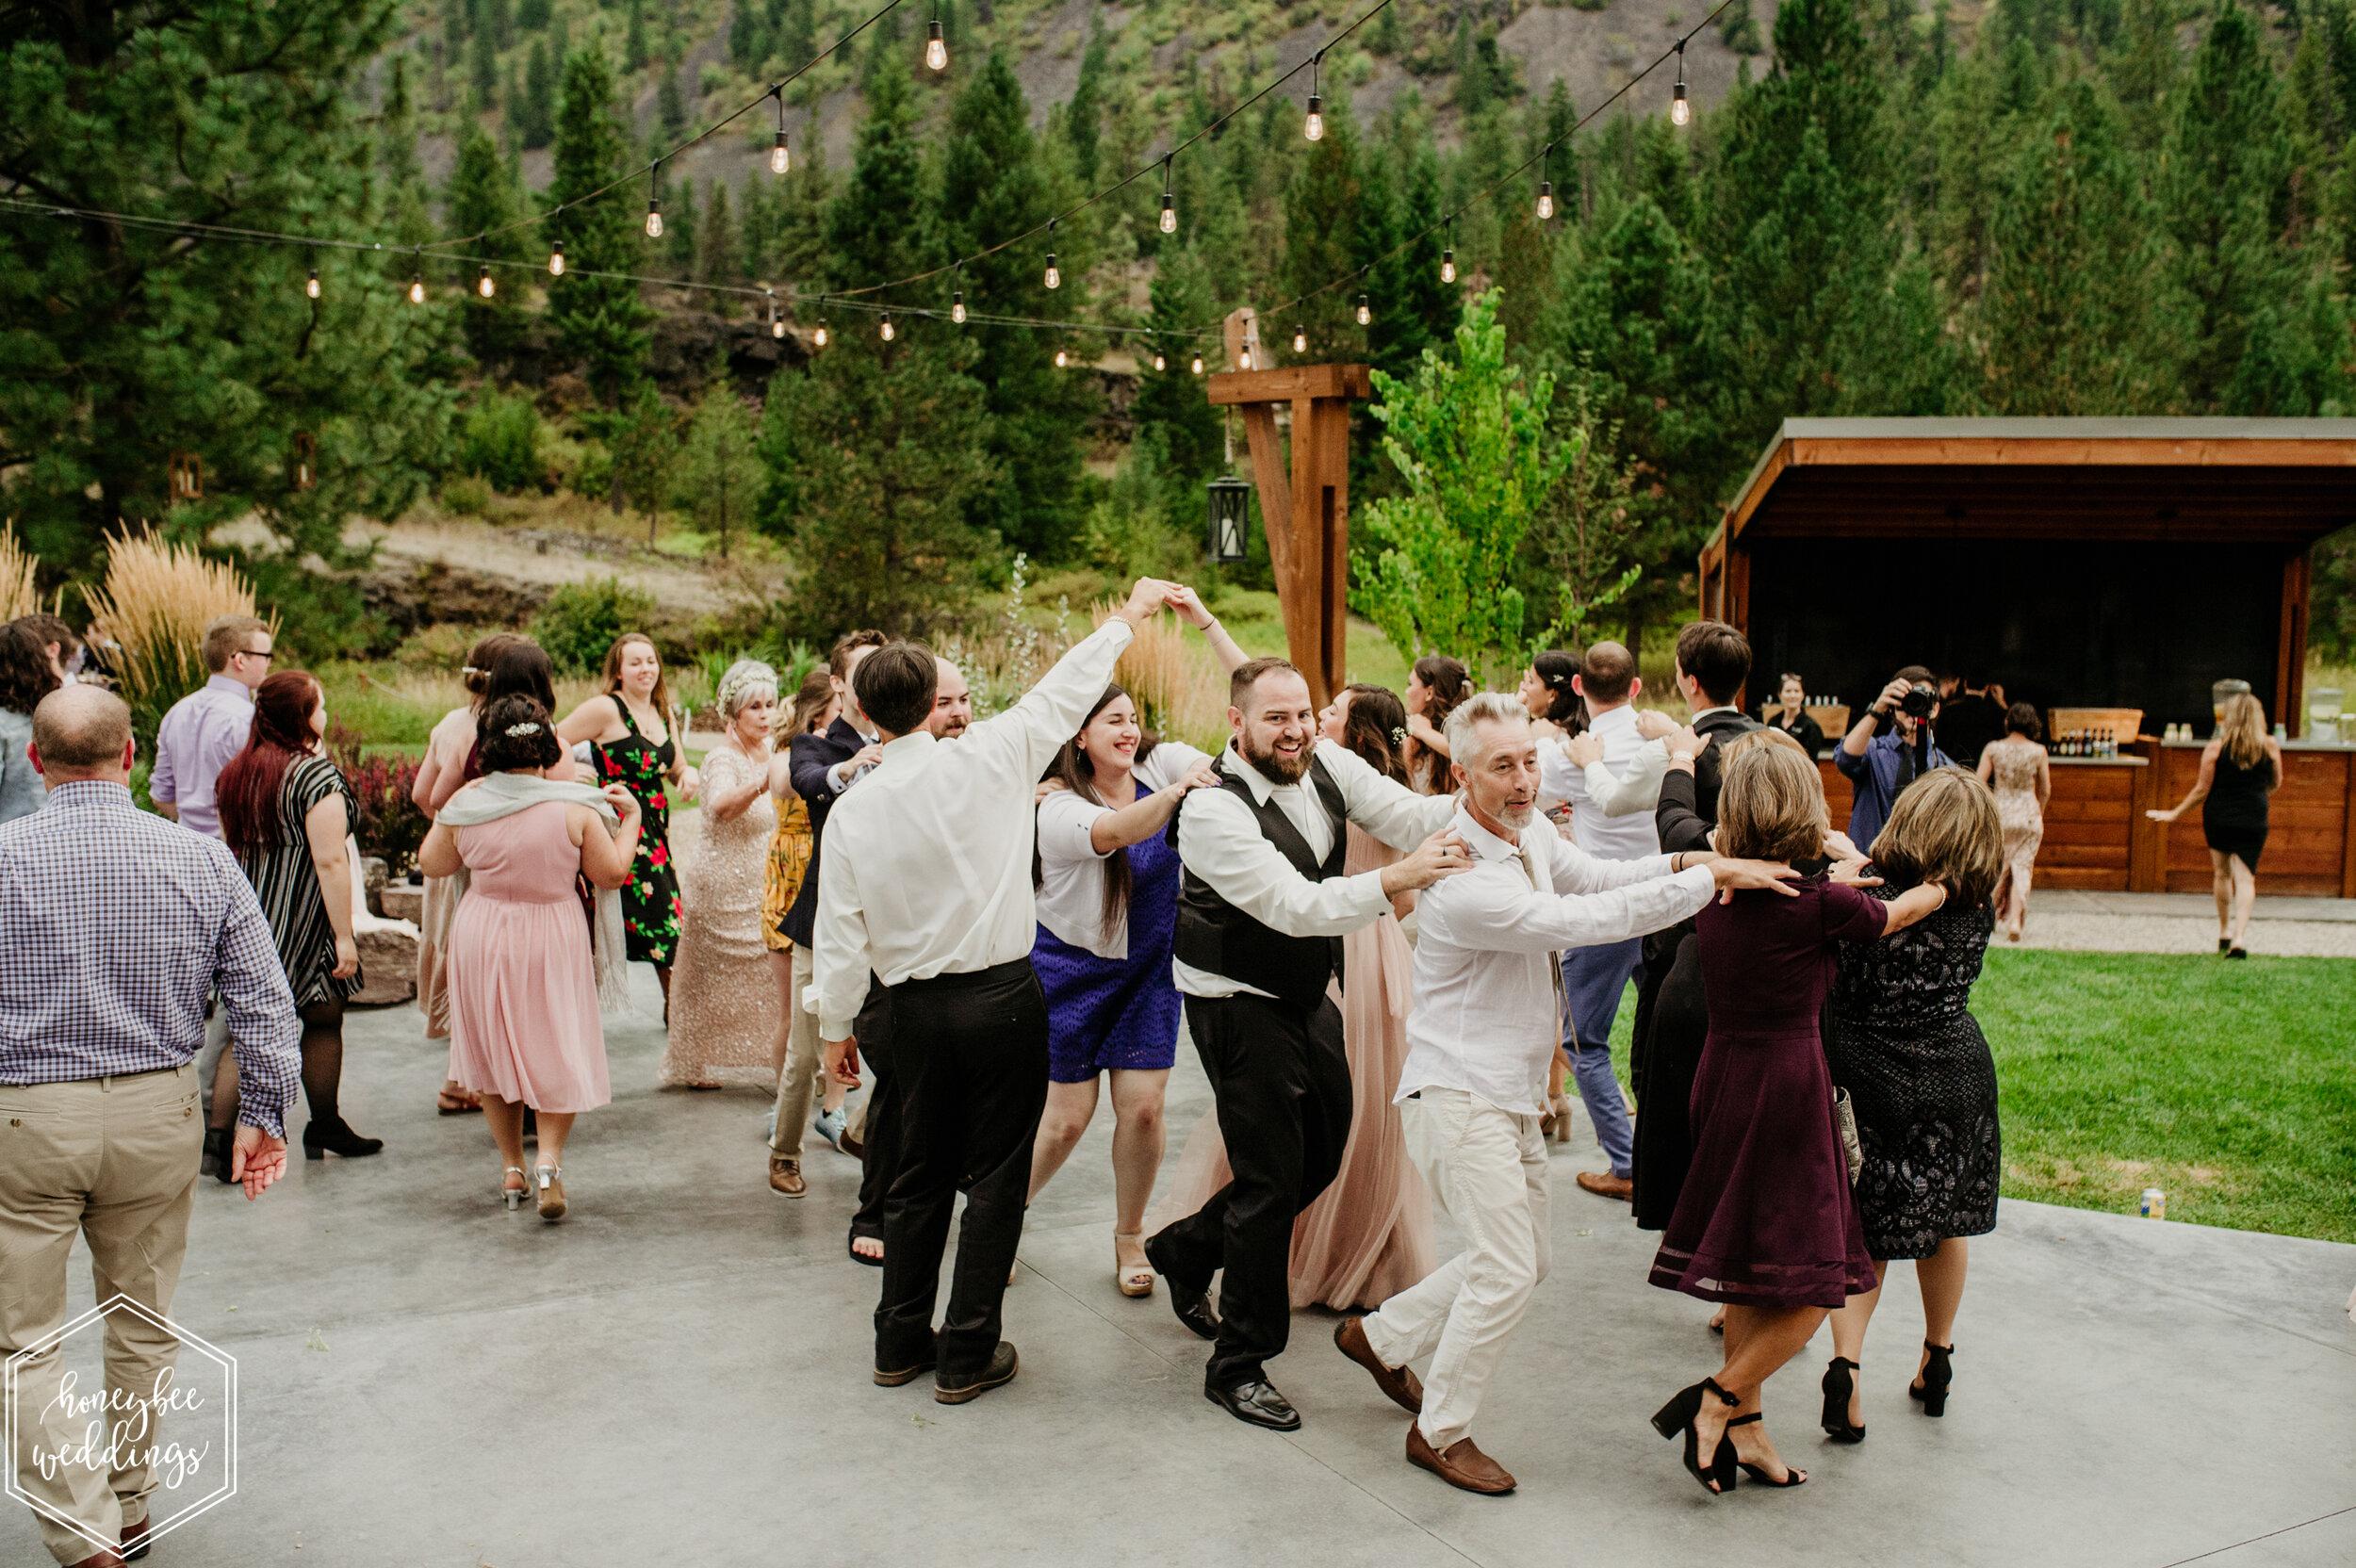 121White Raven Wedding_Montana Wedding Photographer_Corey & Corey_Honeybee Weddings_September 06, 2019-1795.jpg